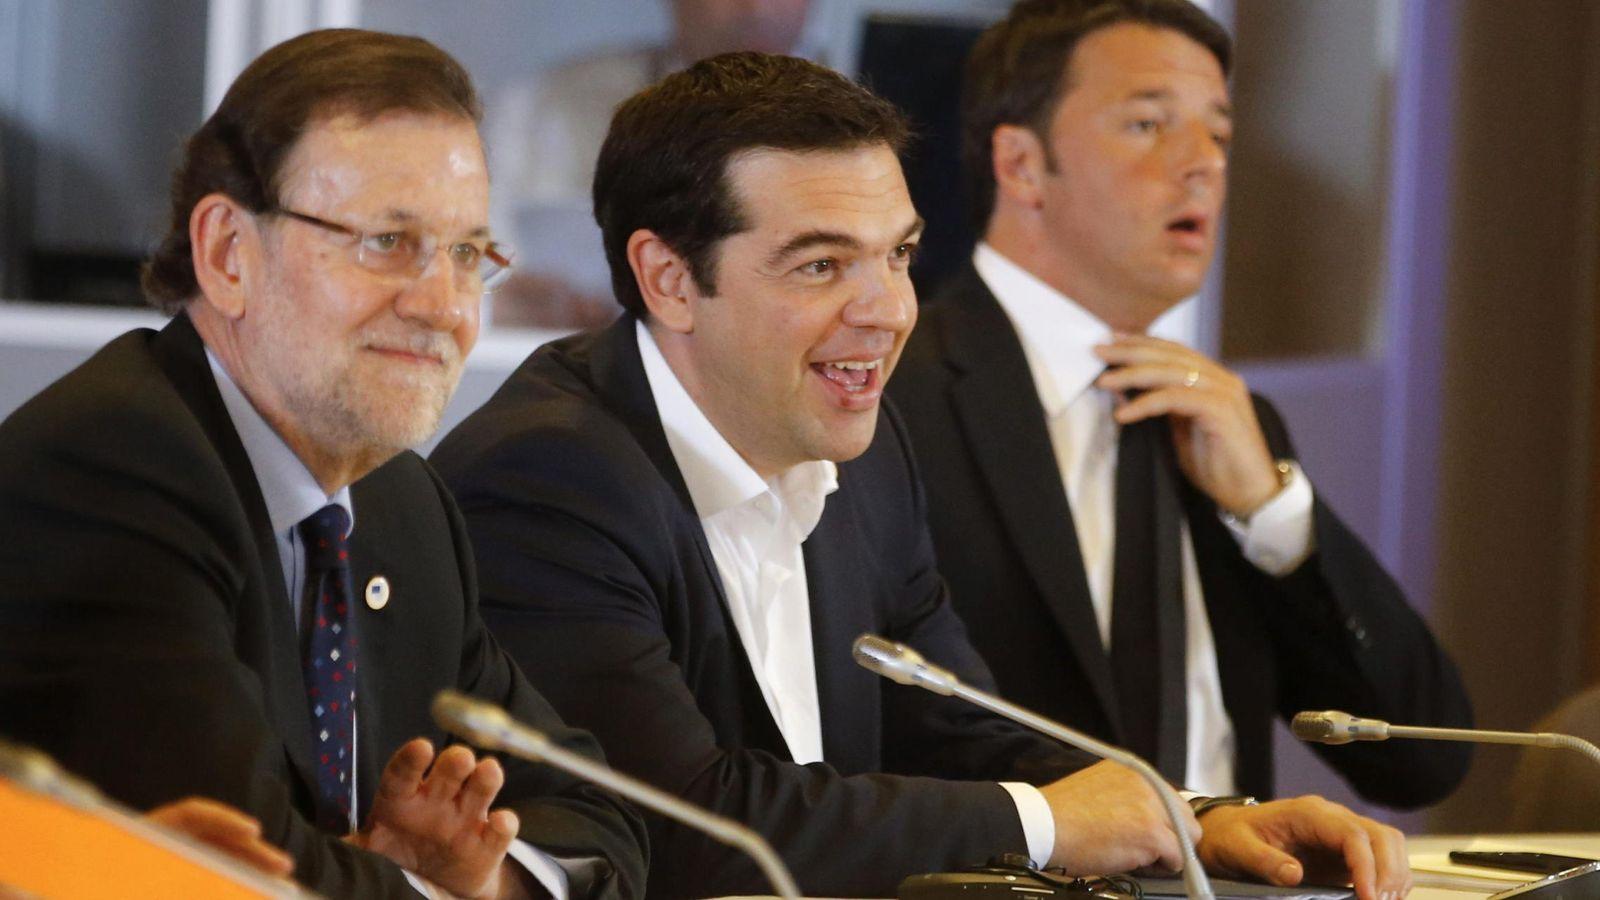 Foto: Mariano Rajoy, Alexis Tsipras y Matteo Renzi, en Bruselas. (EFE)